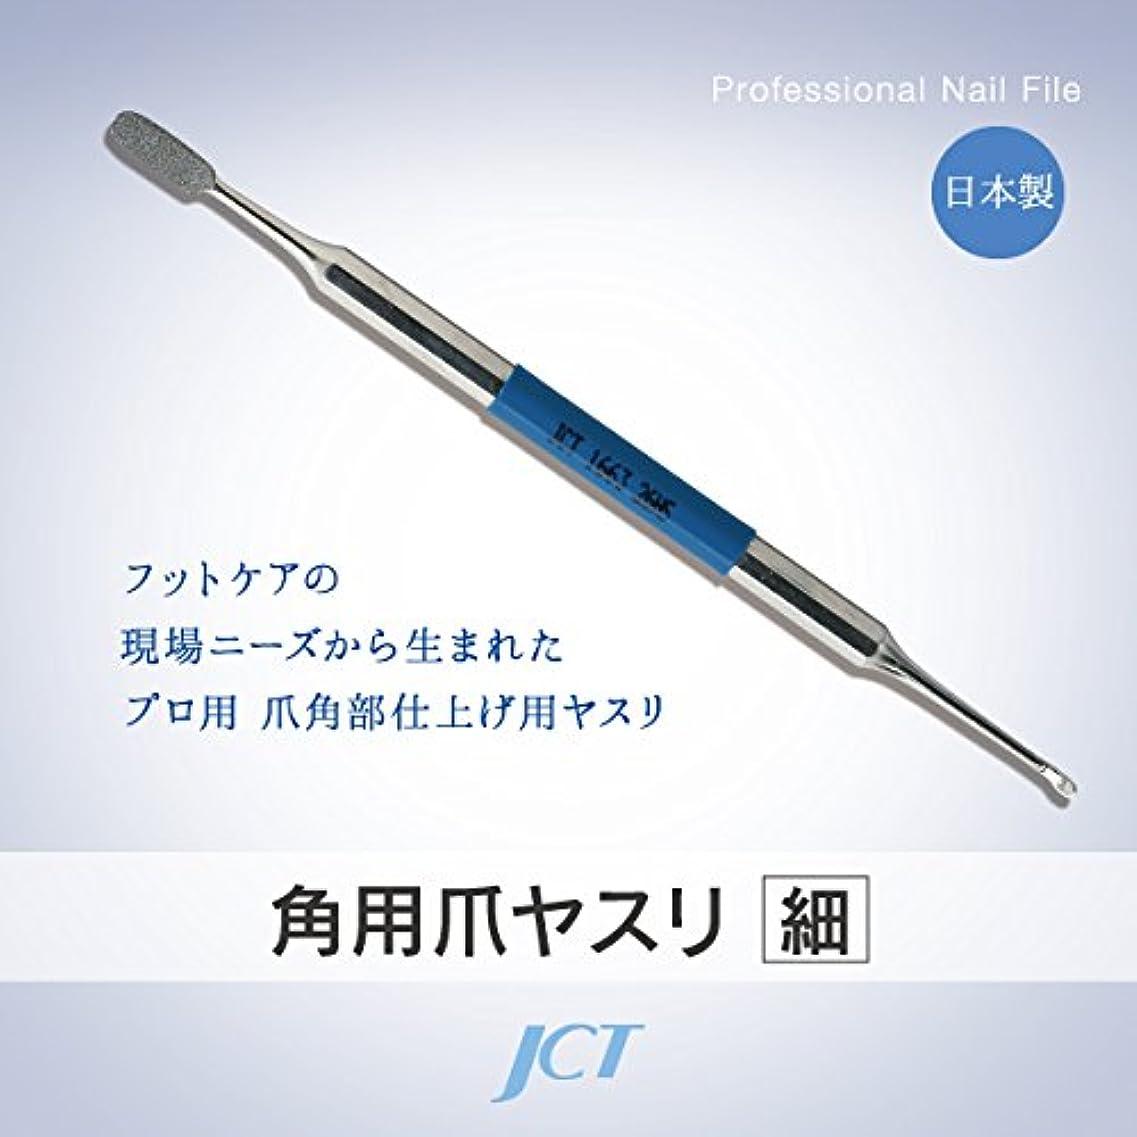 仕事に行くキャベツ子JCT メディカル フットケア ダイヤモンド角用爪ヤスリ(細) 滅菌可 日本製 1年間保証付